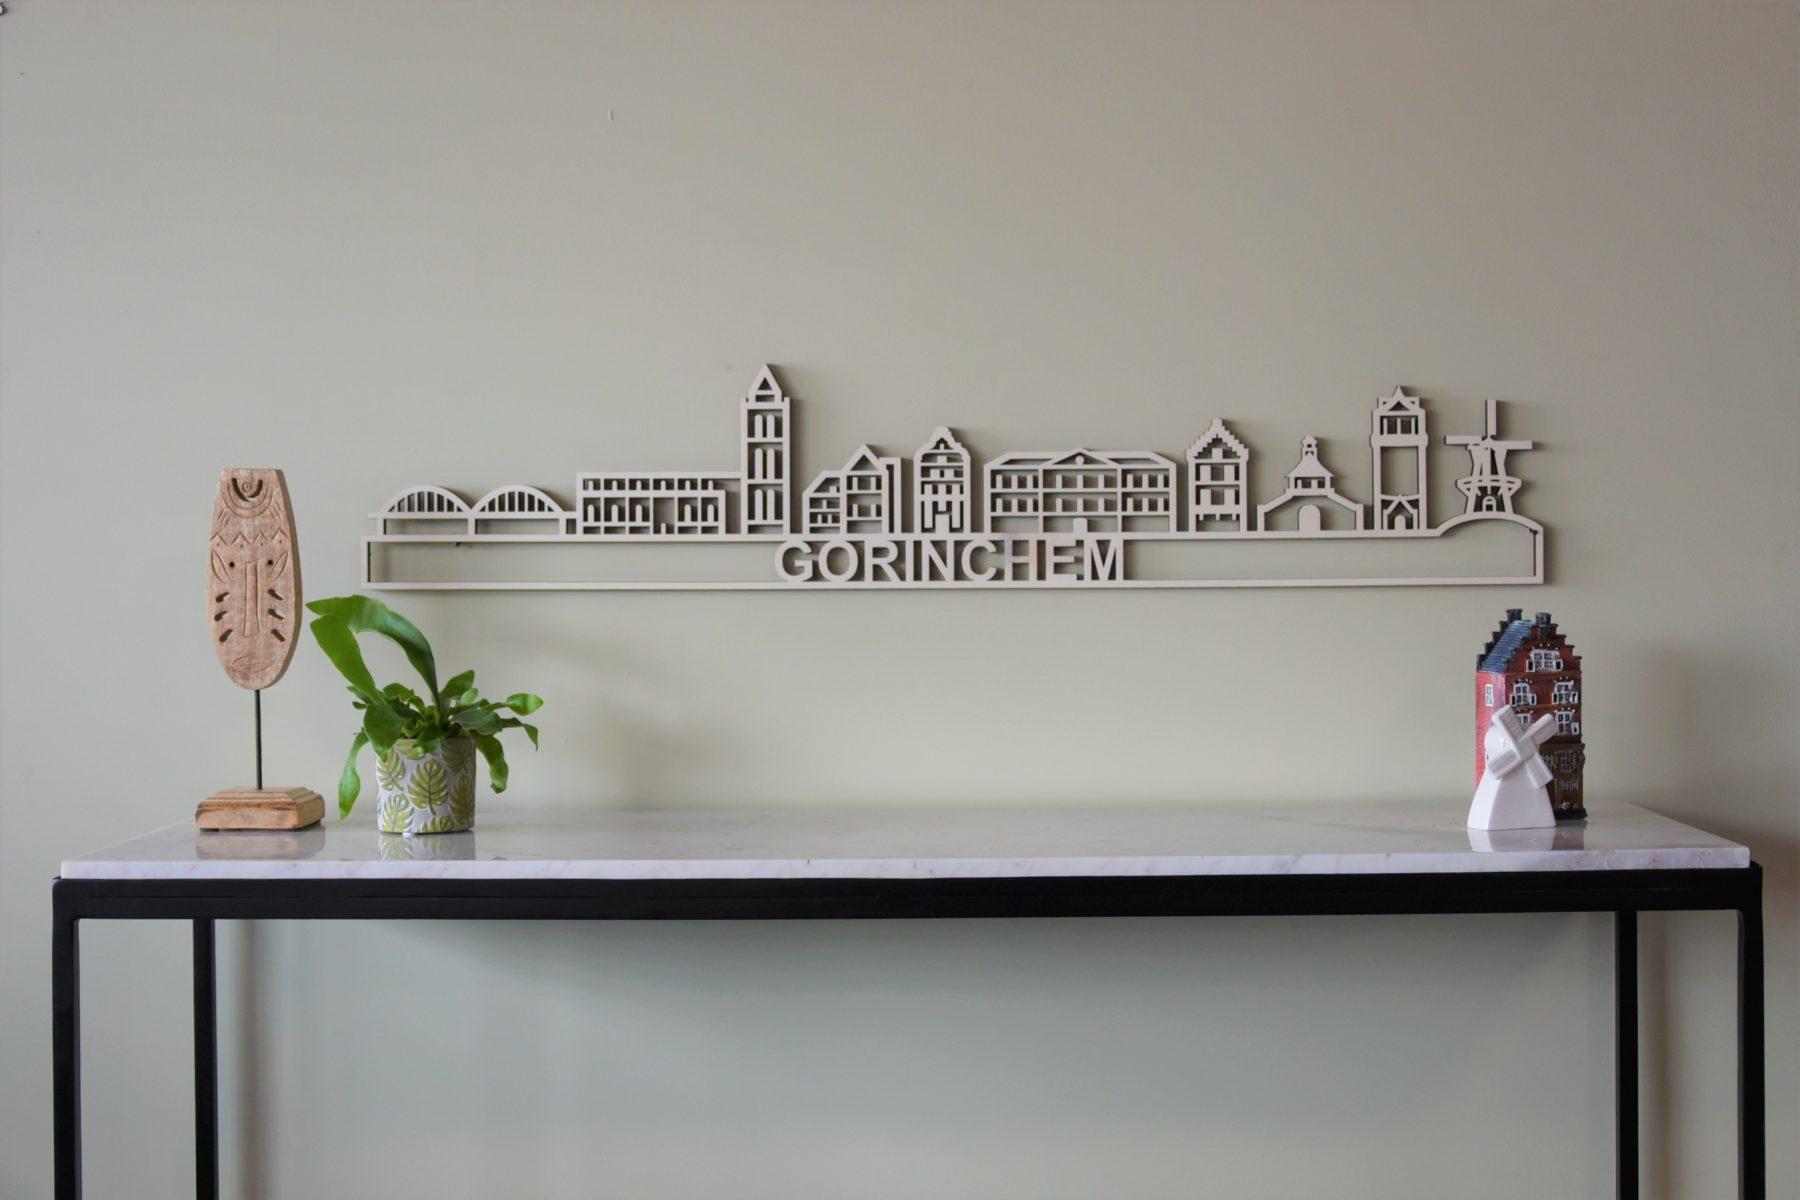 Houten skyline Gorinchem populieren